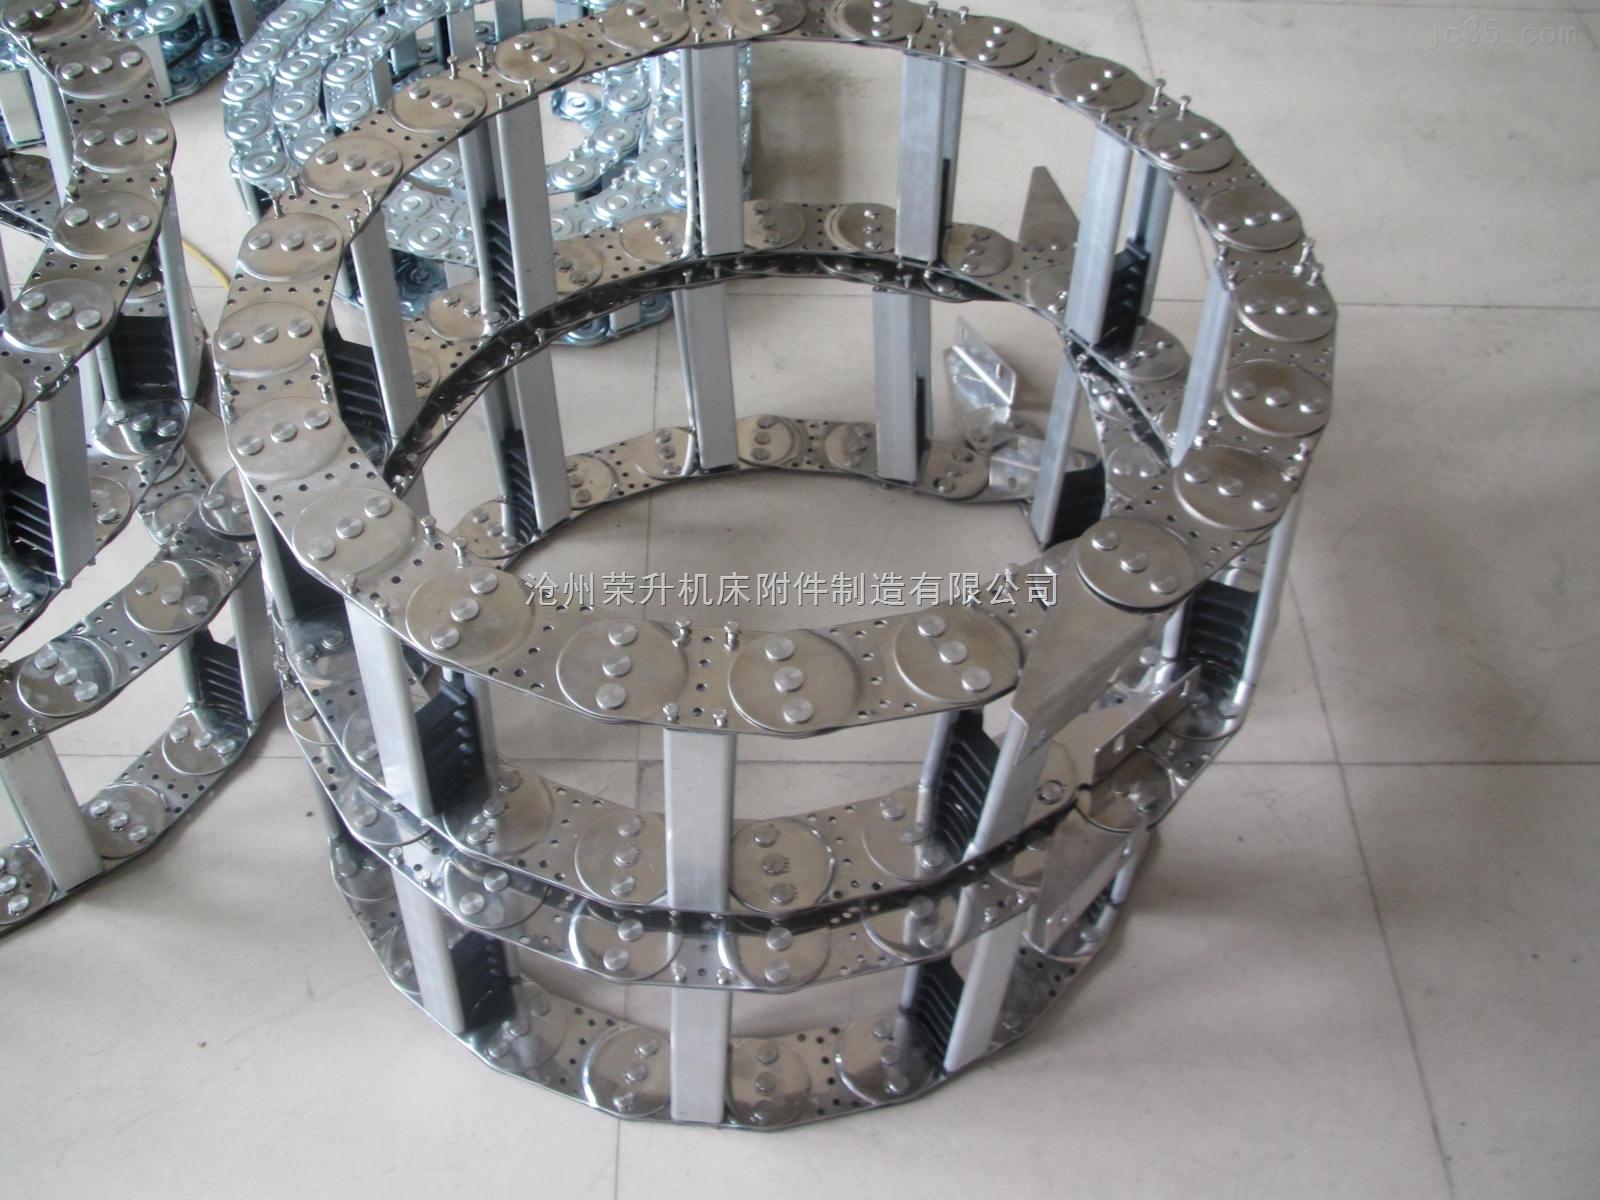 机床电缆钢制坦克链技术参数,机床电缆钢制坦克链,机床电缆钢制坦克链